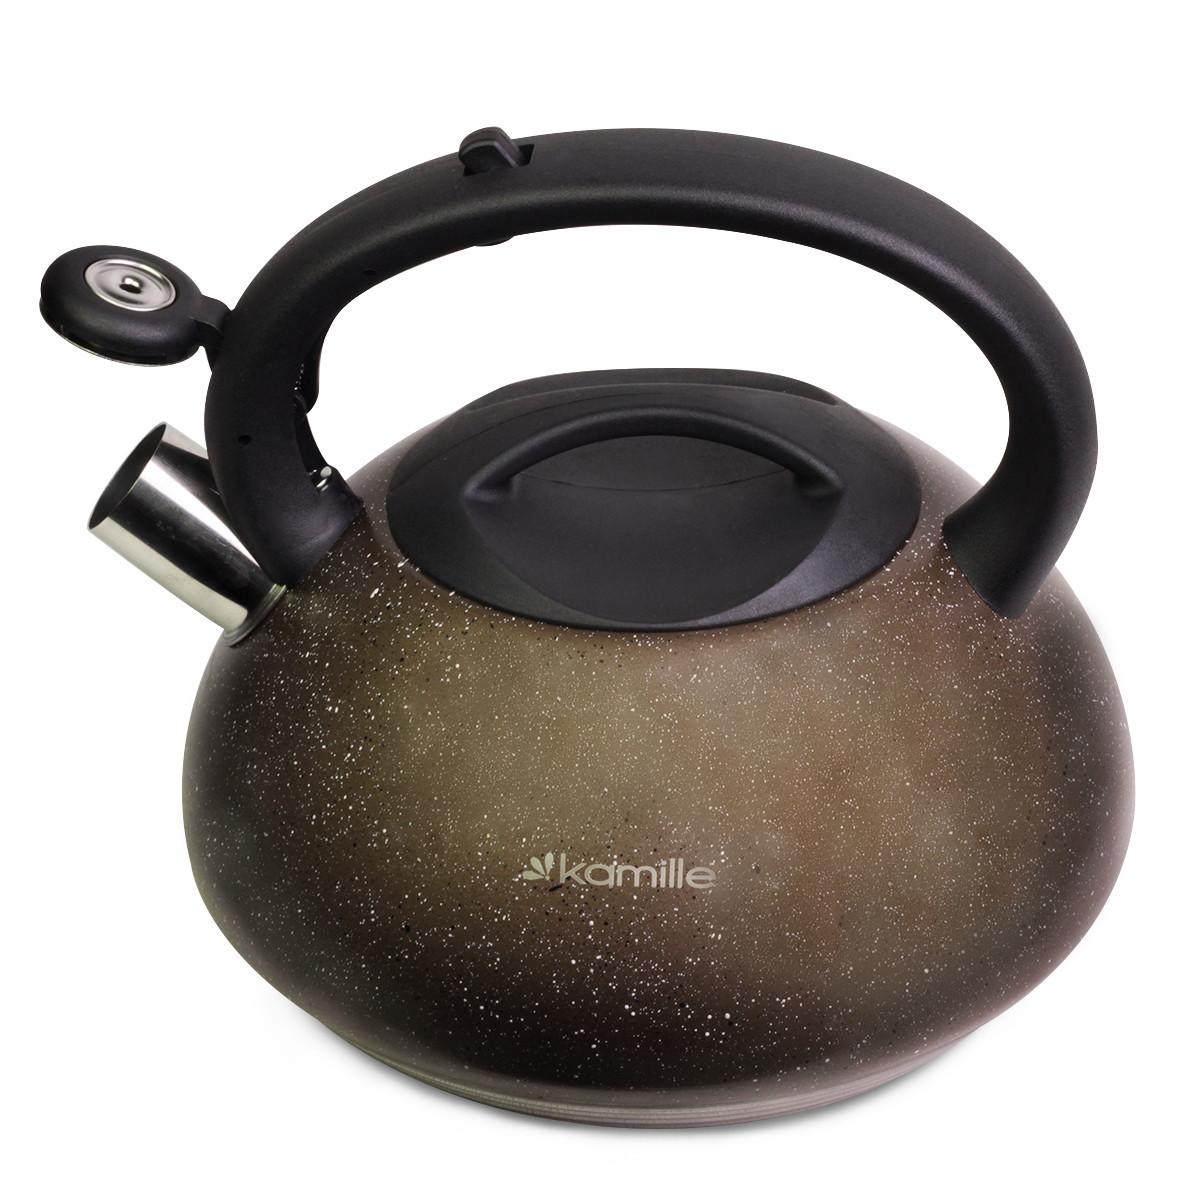 Чайник Kamille 3 л из нержавеющей стали со свистком бакелитовой ручкой индукционный